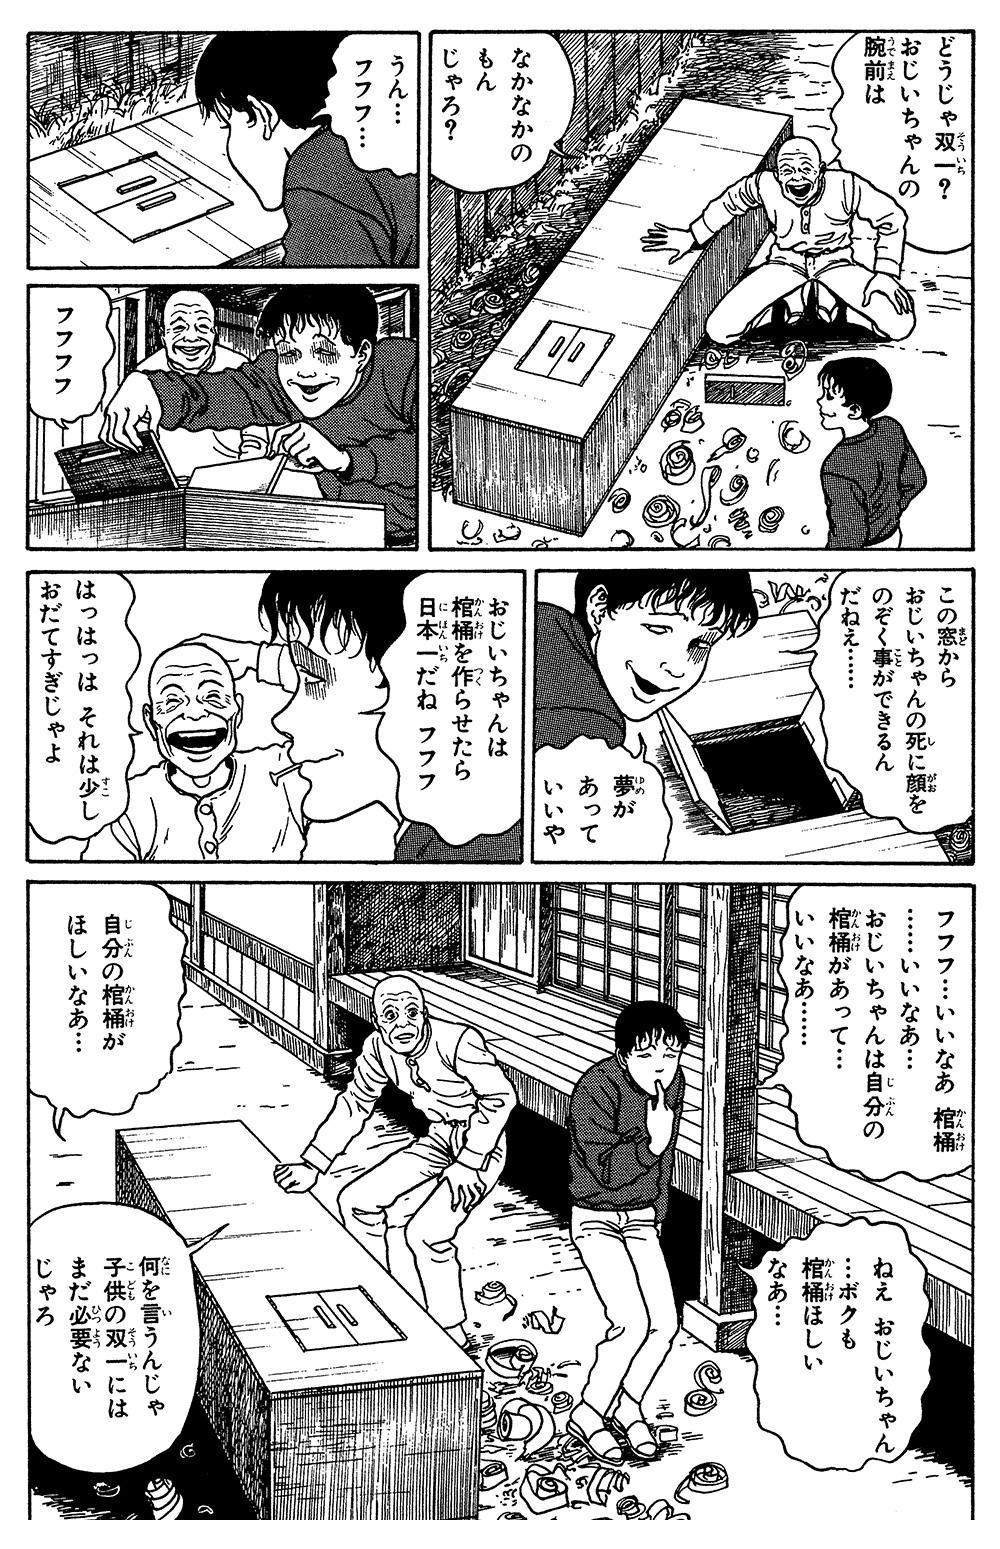 伊藤潤二傑作集「棺桶」①kanoke01-11.jpg